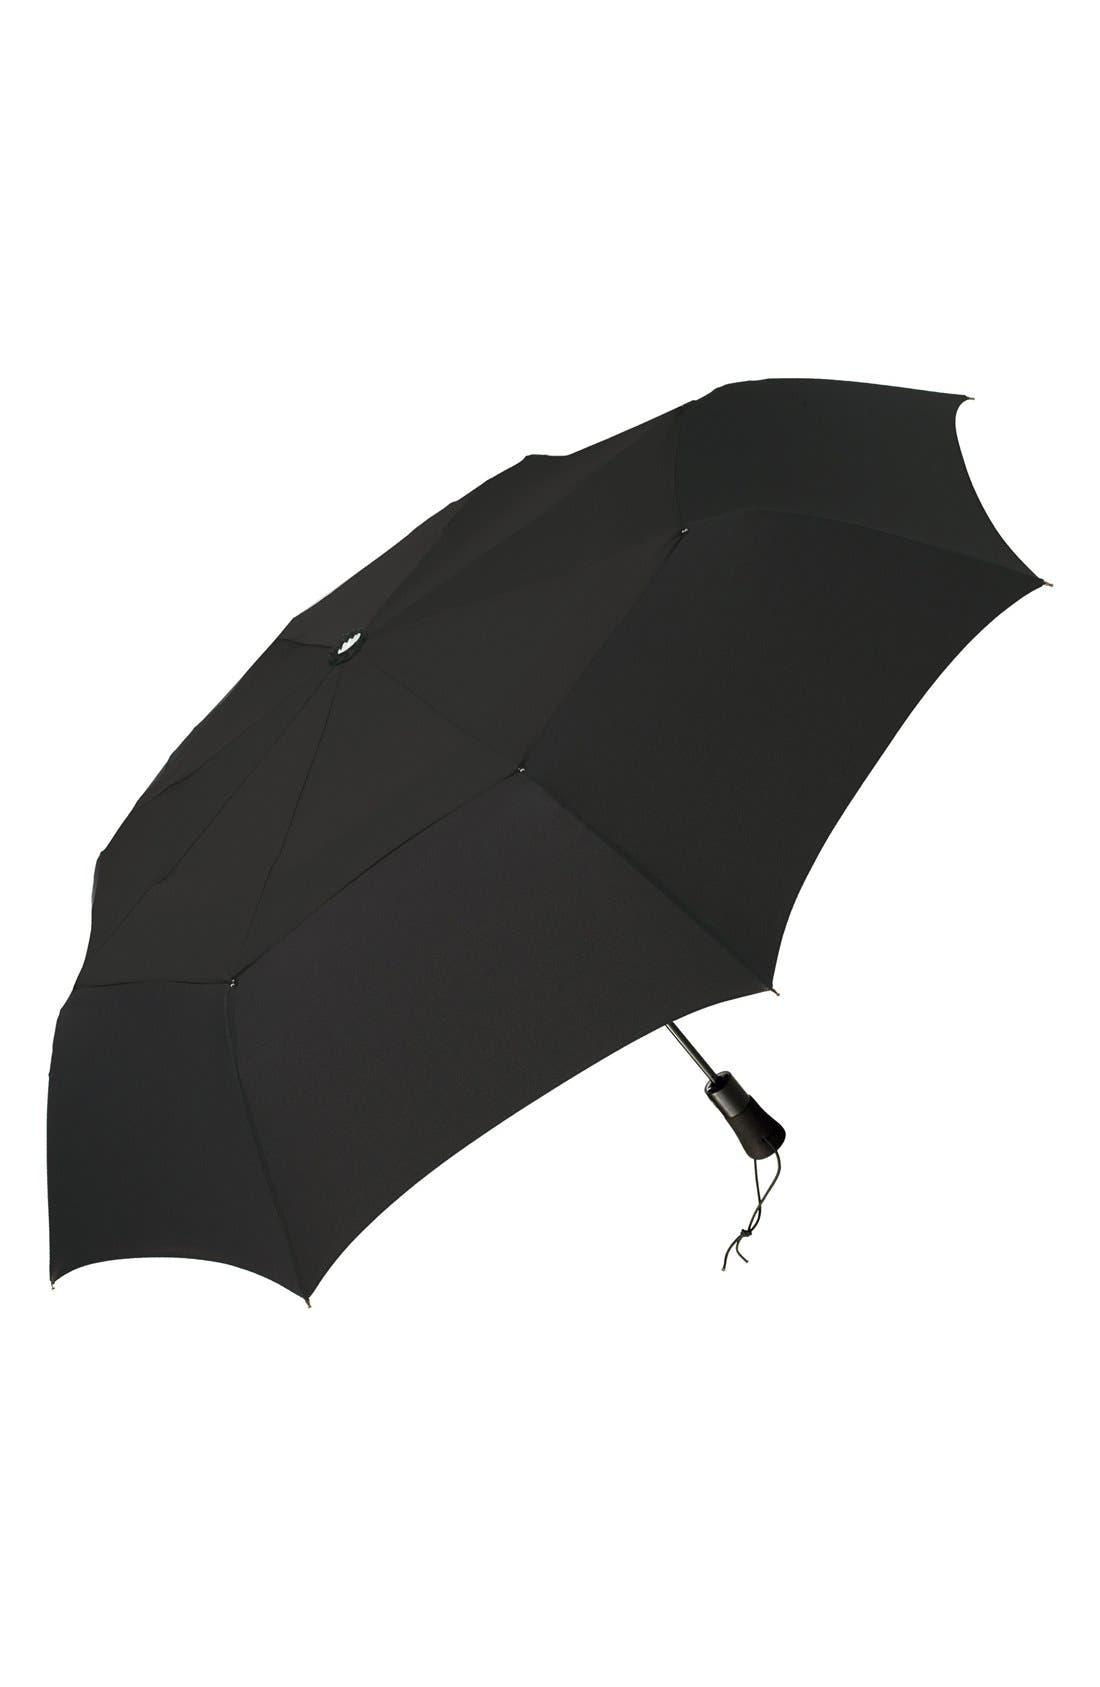 ShedRain 'WindPro®' Auto Open & Close Umbrella